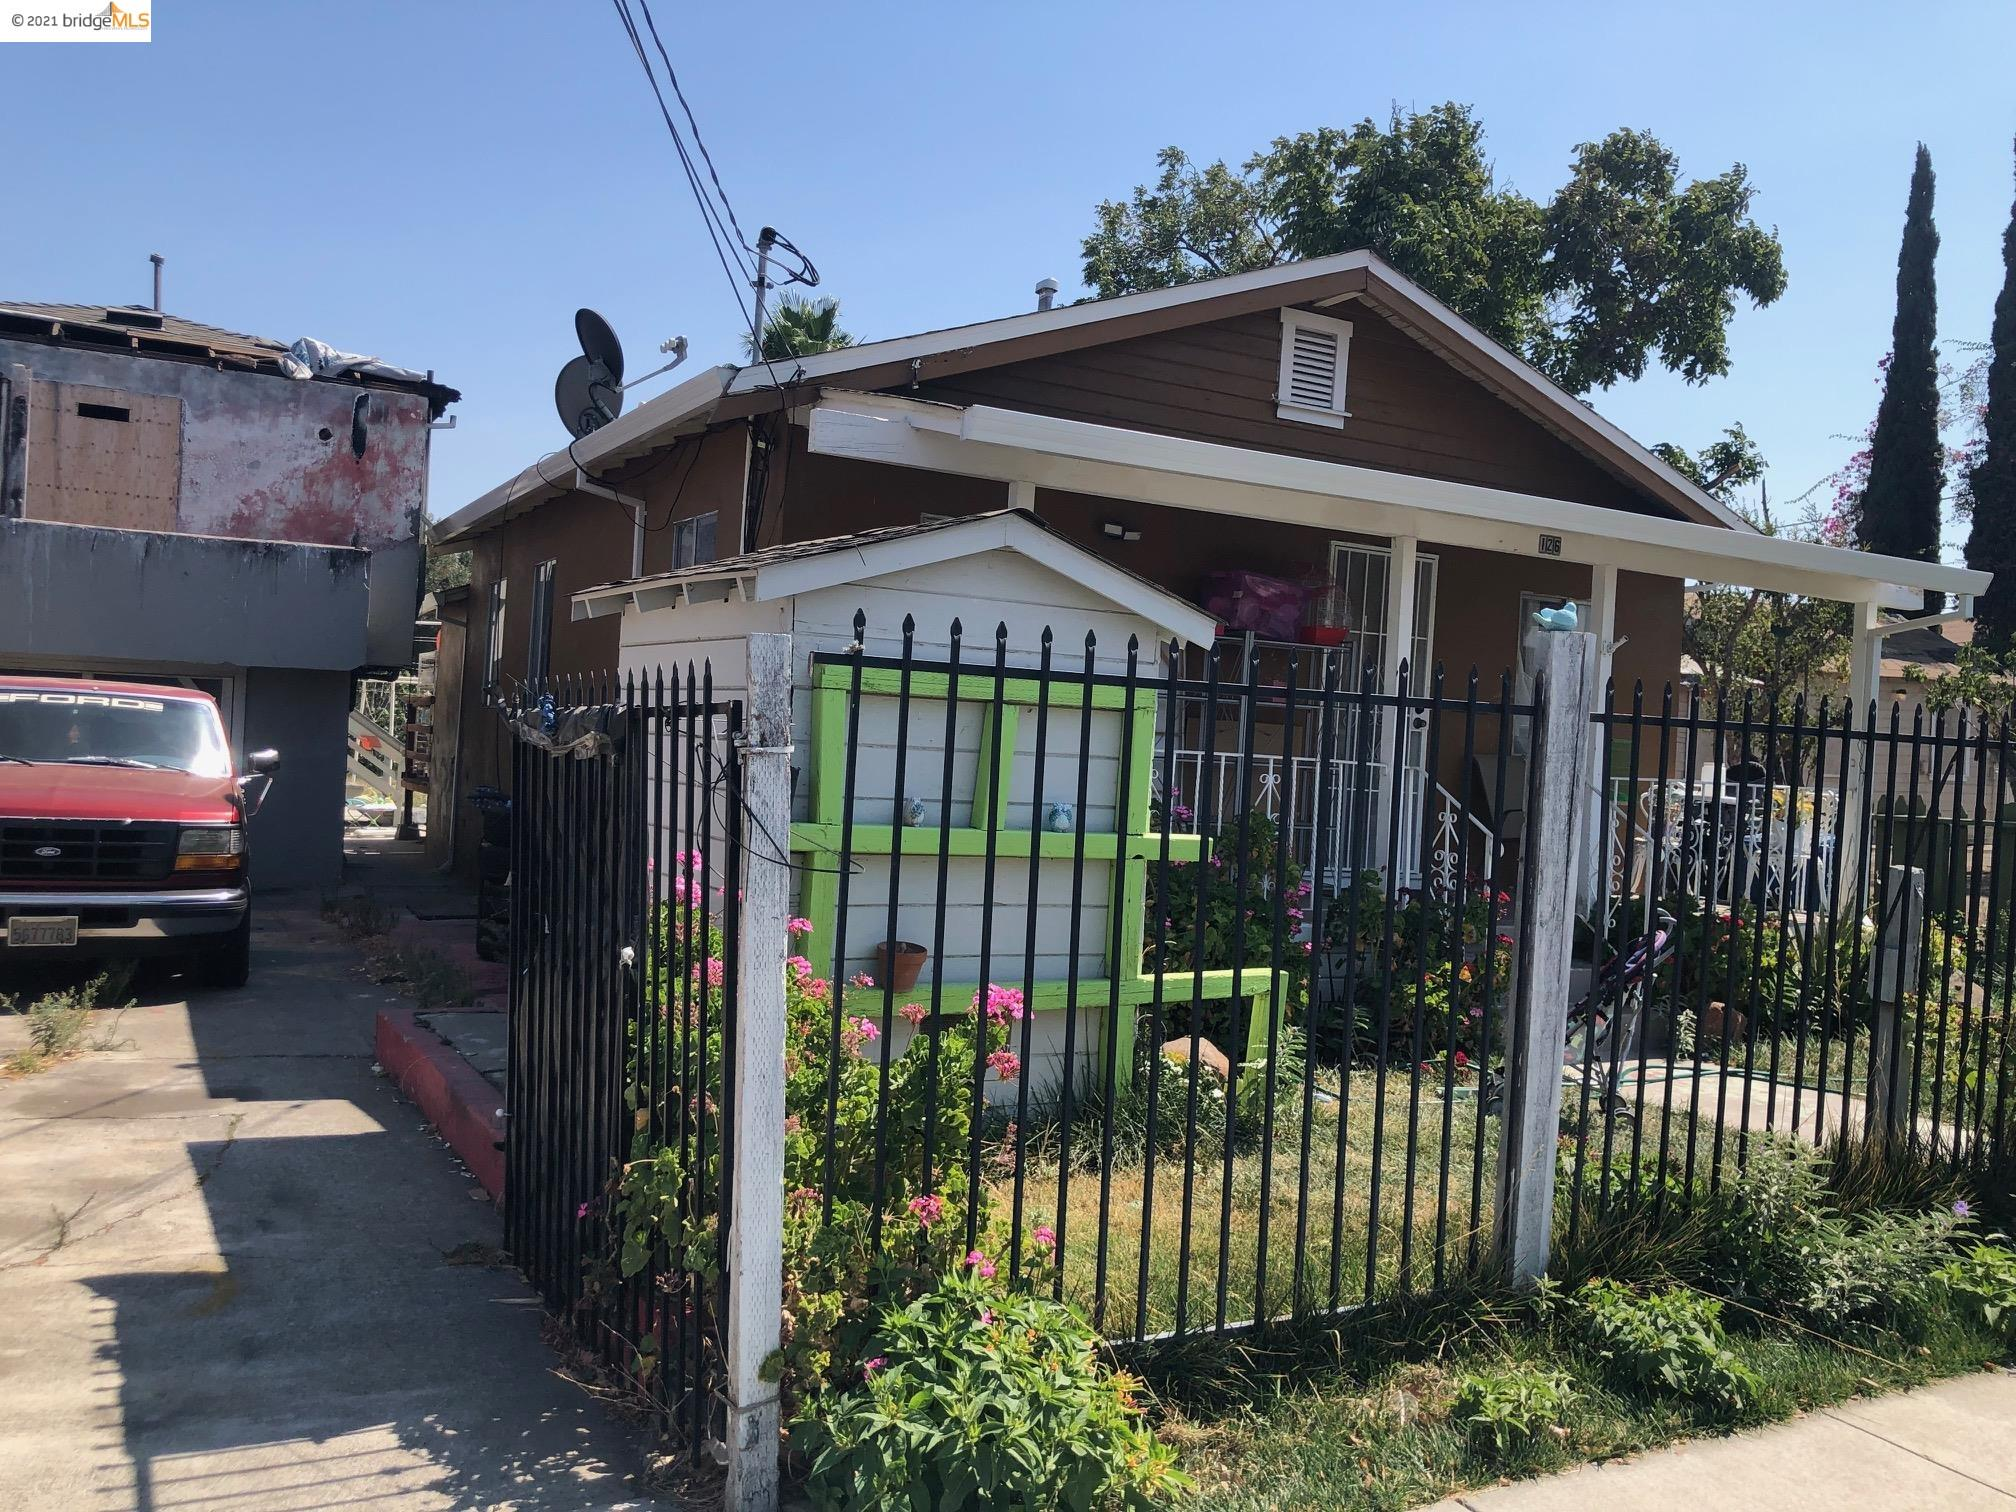 126 N Bella Monte Ave, BAY POINT, CA 94565